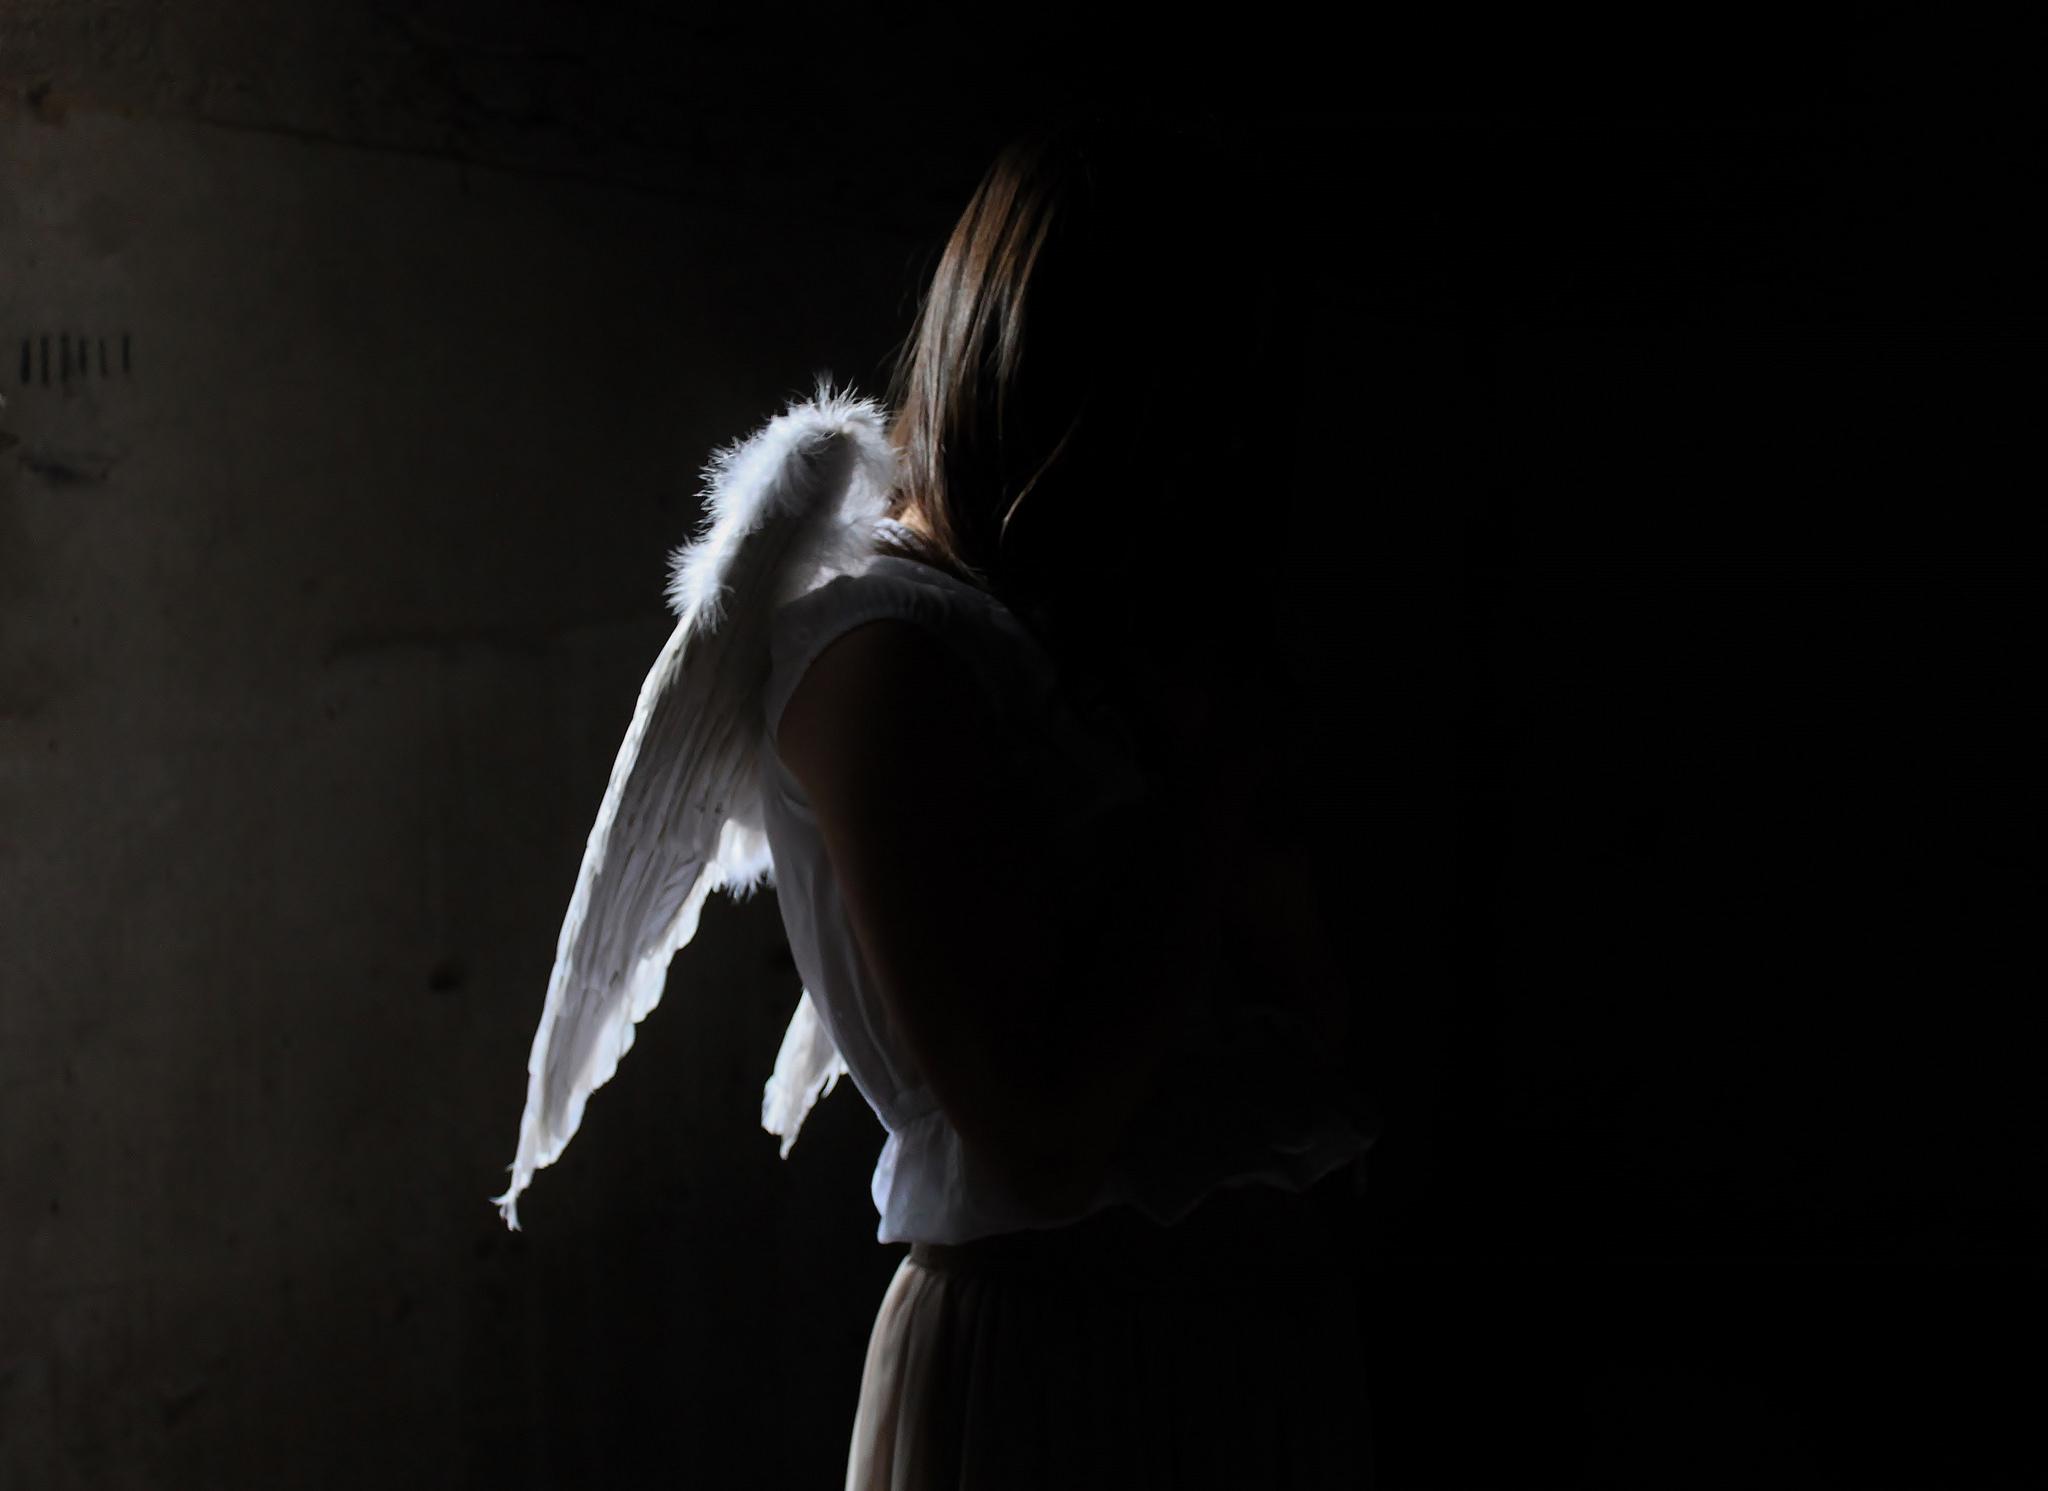 Картинки девушка с крыльями ангела в темноте